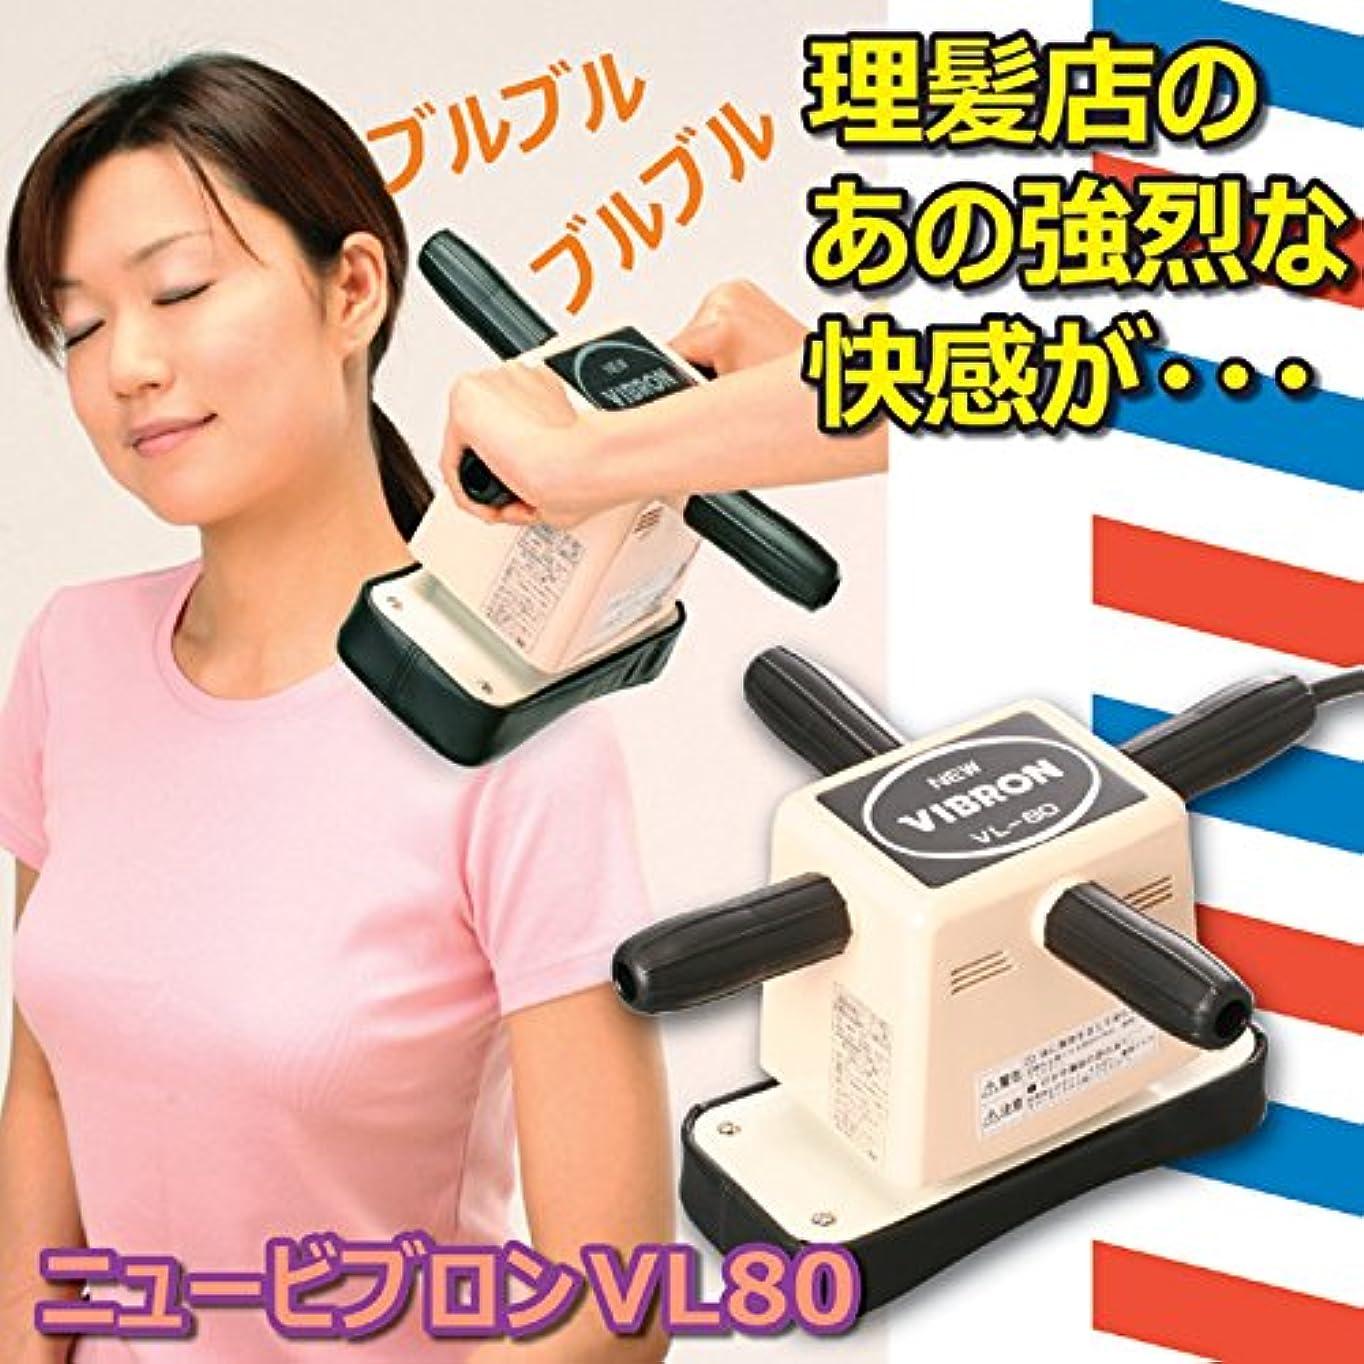 日付付きさまよう不合格理髪店の「サービス」でもおなじみの! 家庭用電気マッサージ器ニュービブロン 870070